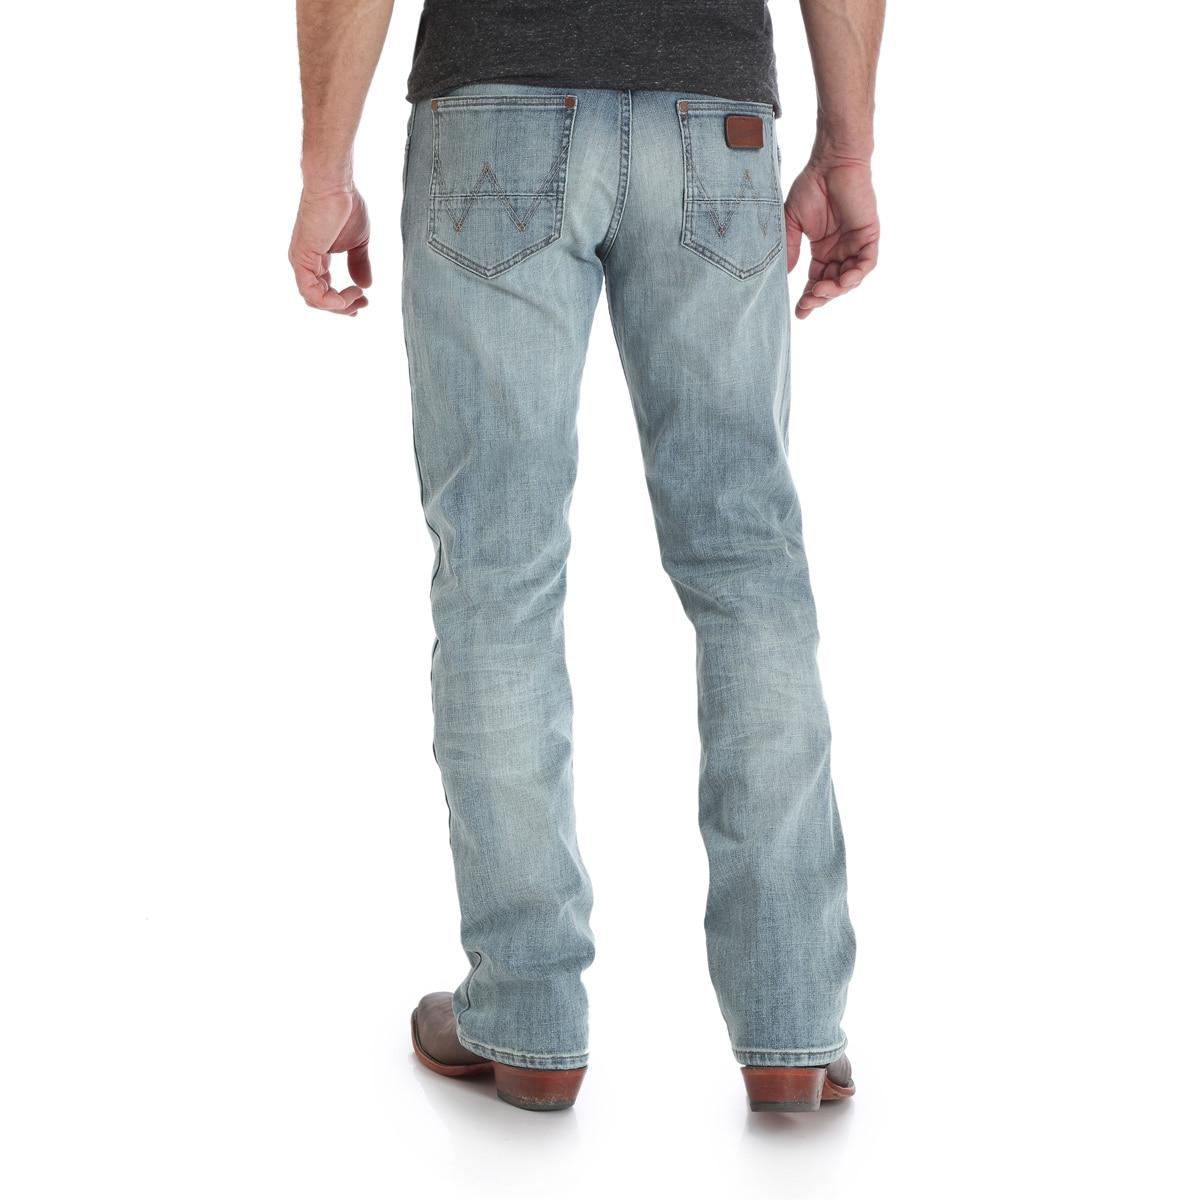 f16a2cc6d48 Wrangler Men's Retro® Slim Fit Bootcut Jeans - BR Wash